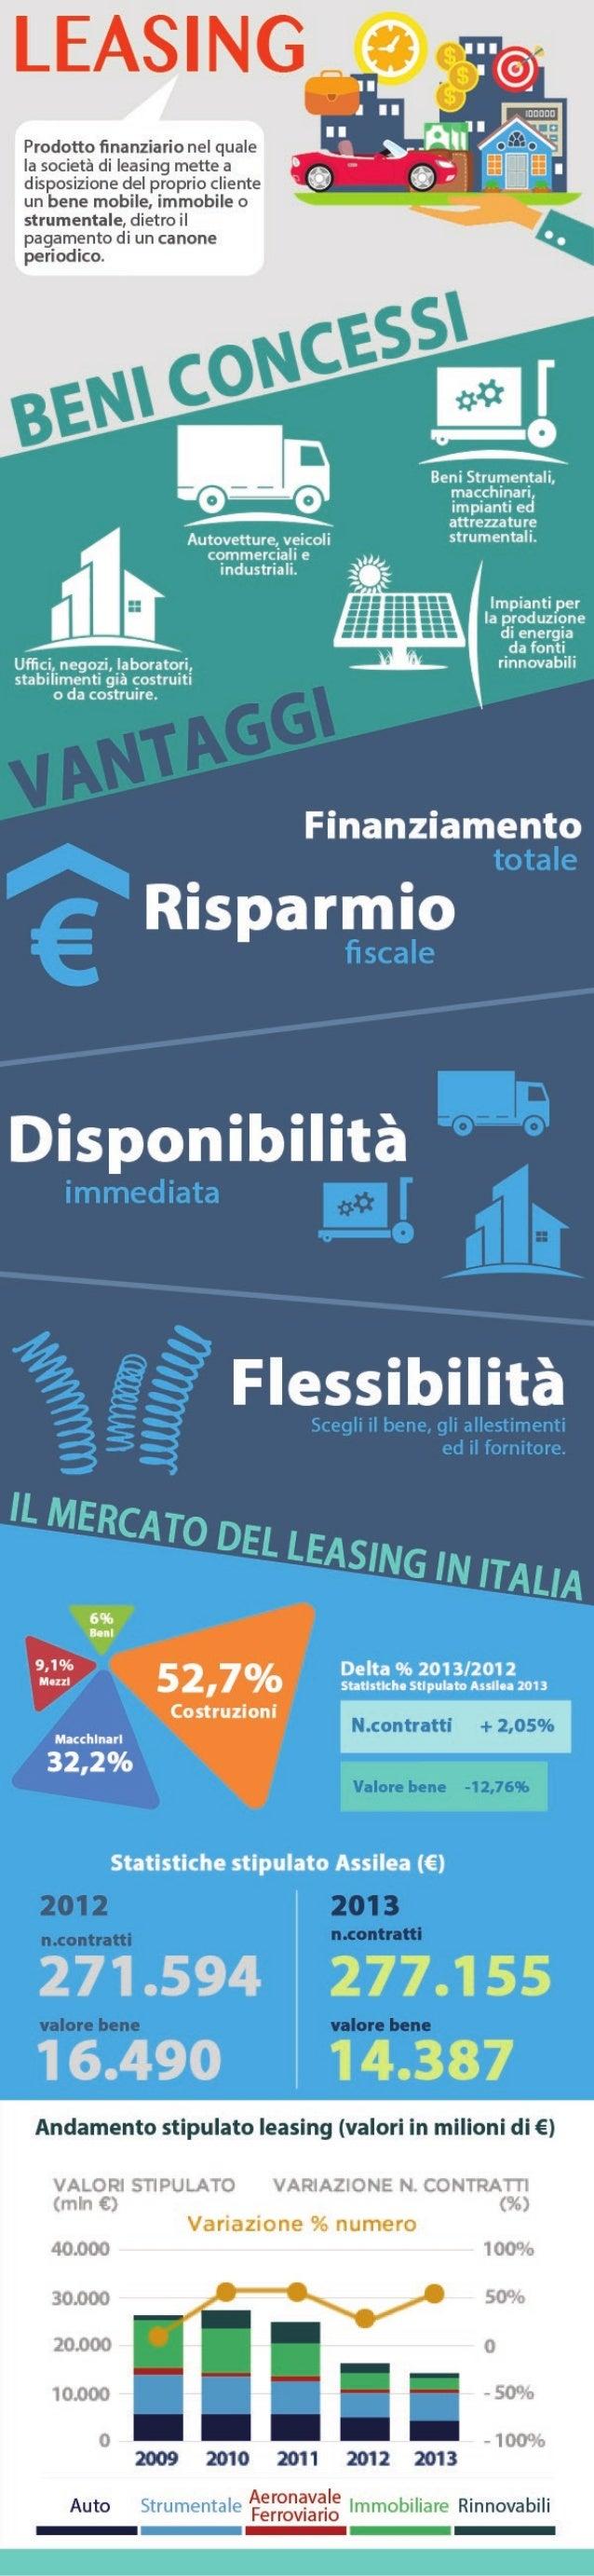 Infografica - Leasing